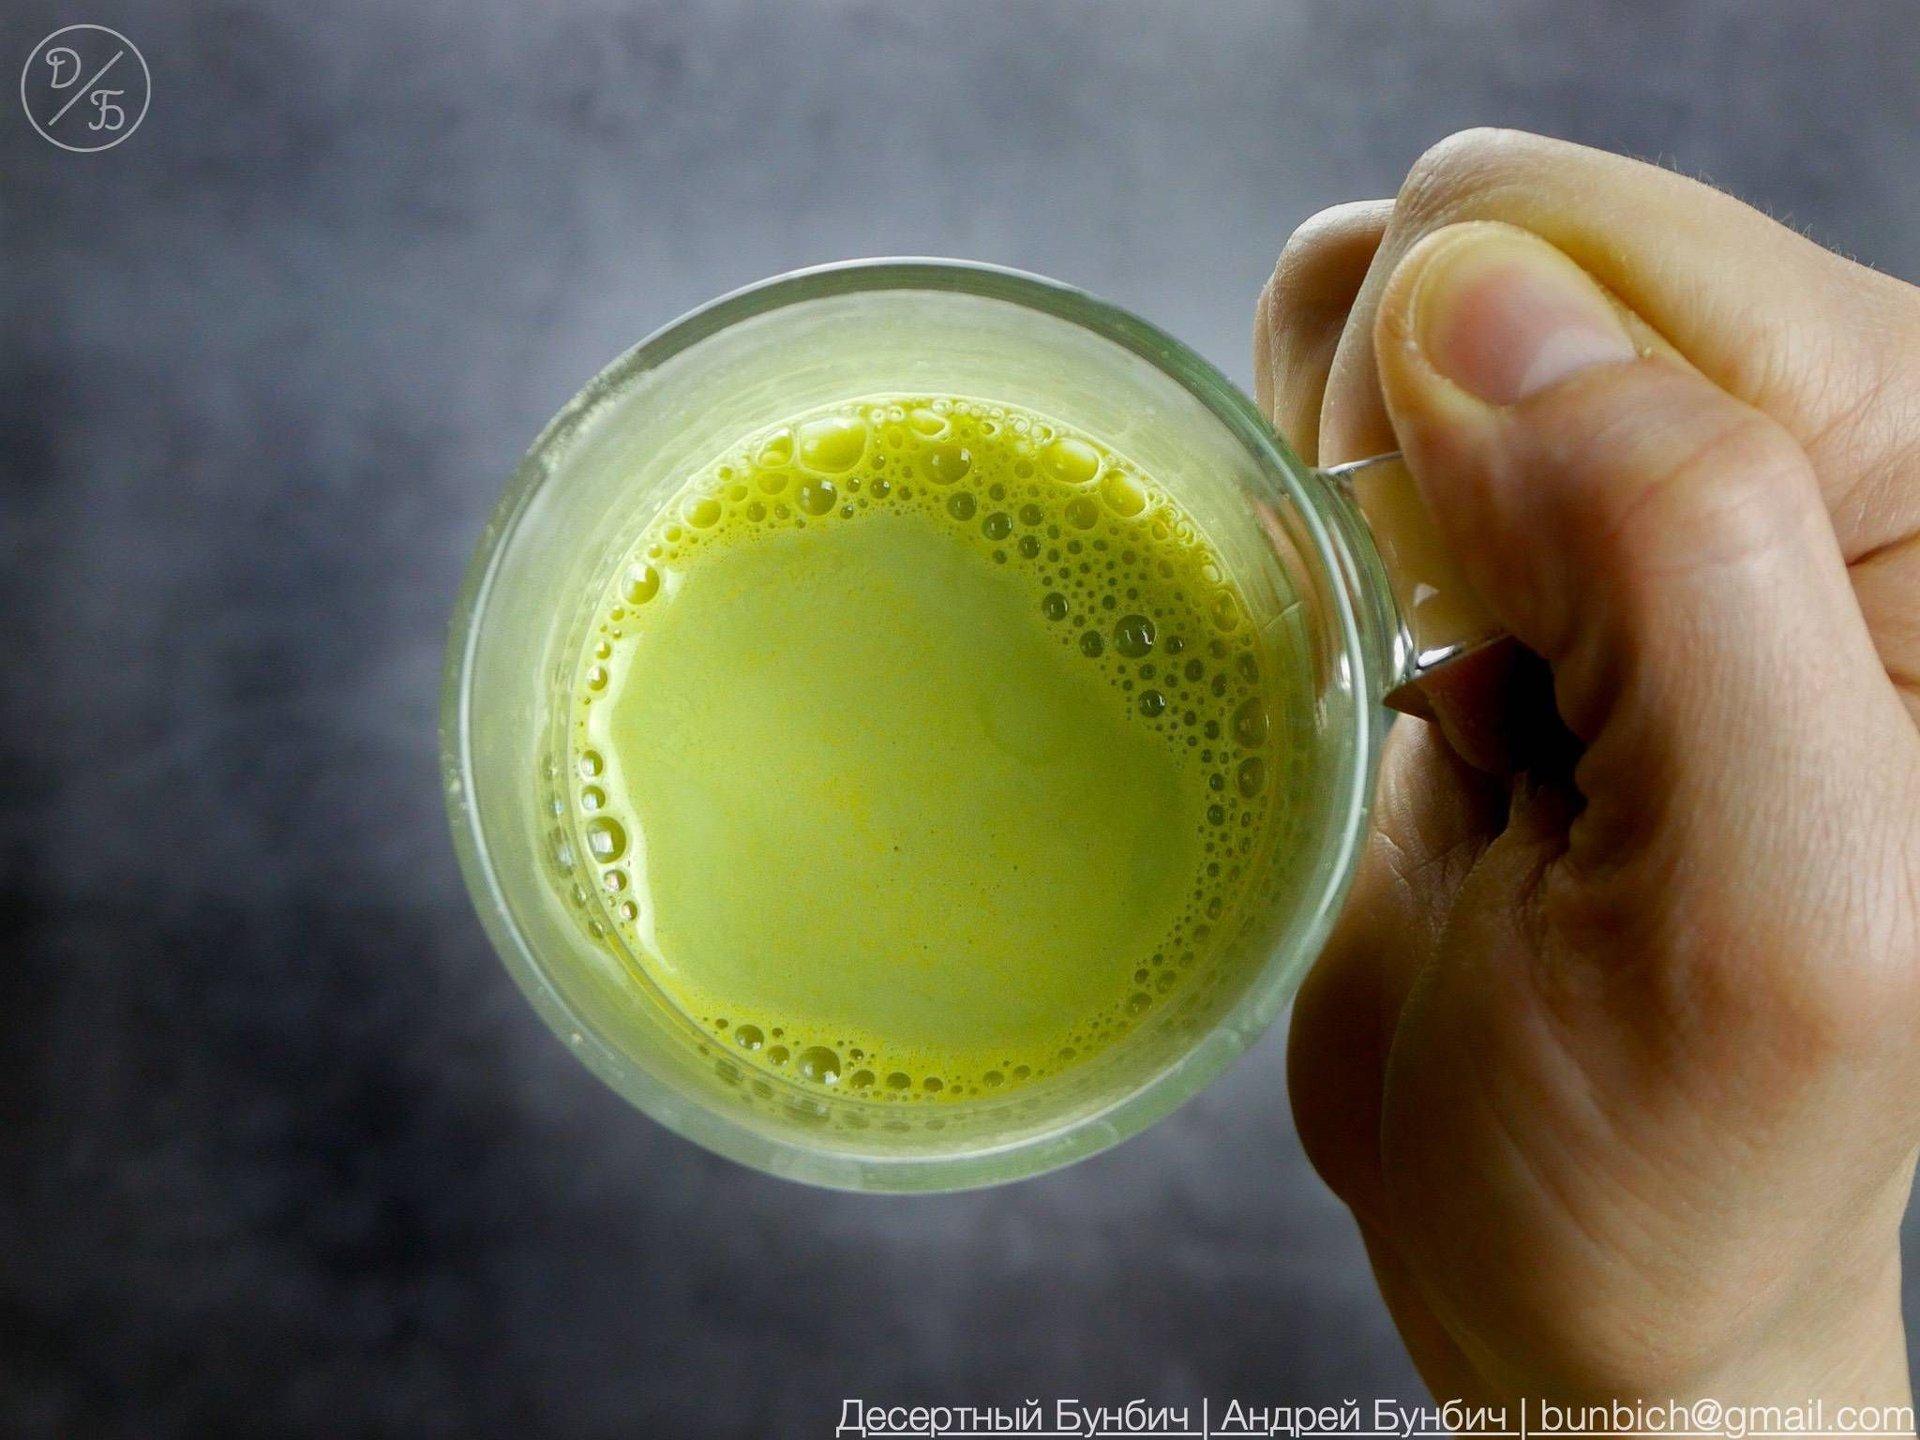 растворимый чай матча фикс прайс